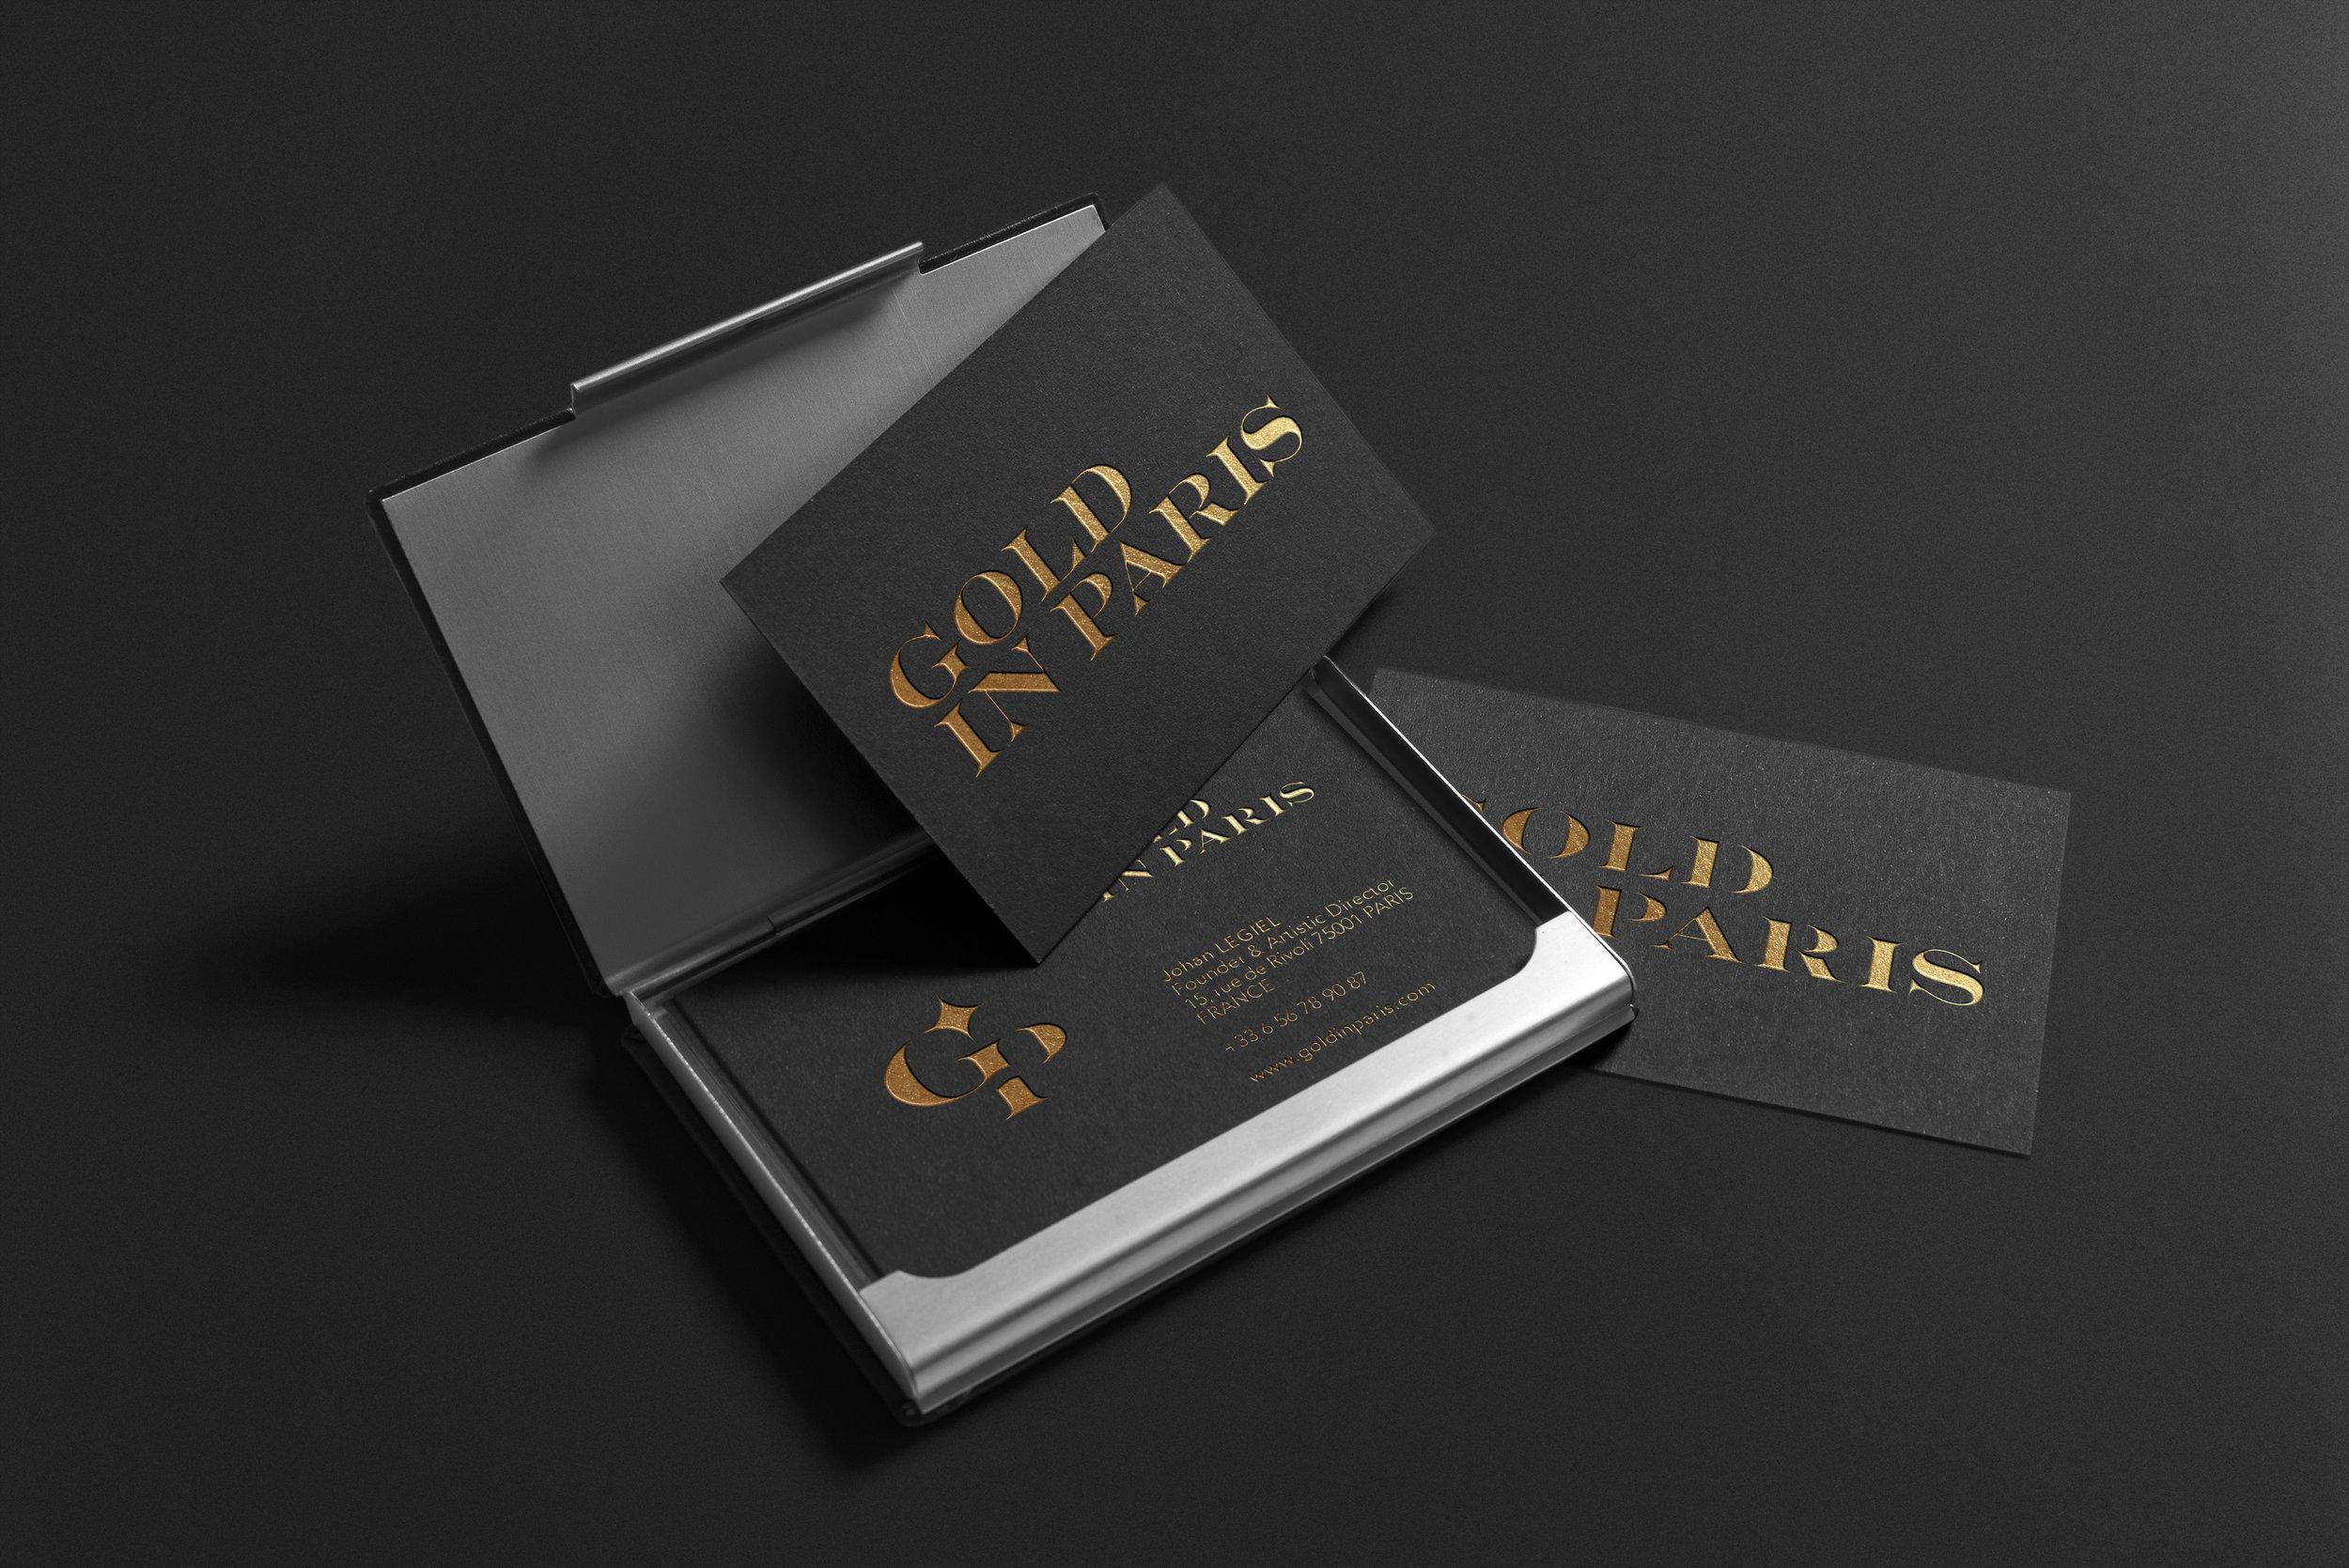 carte-de-visite-design-better-stronger-graphiste-freelance-paris.jpg